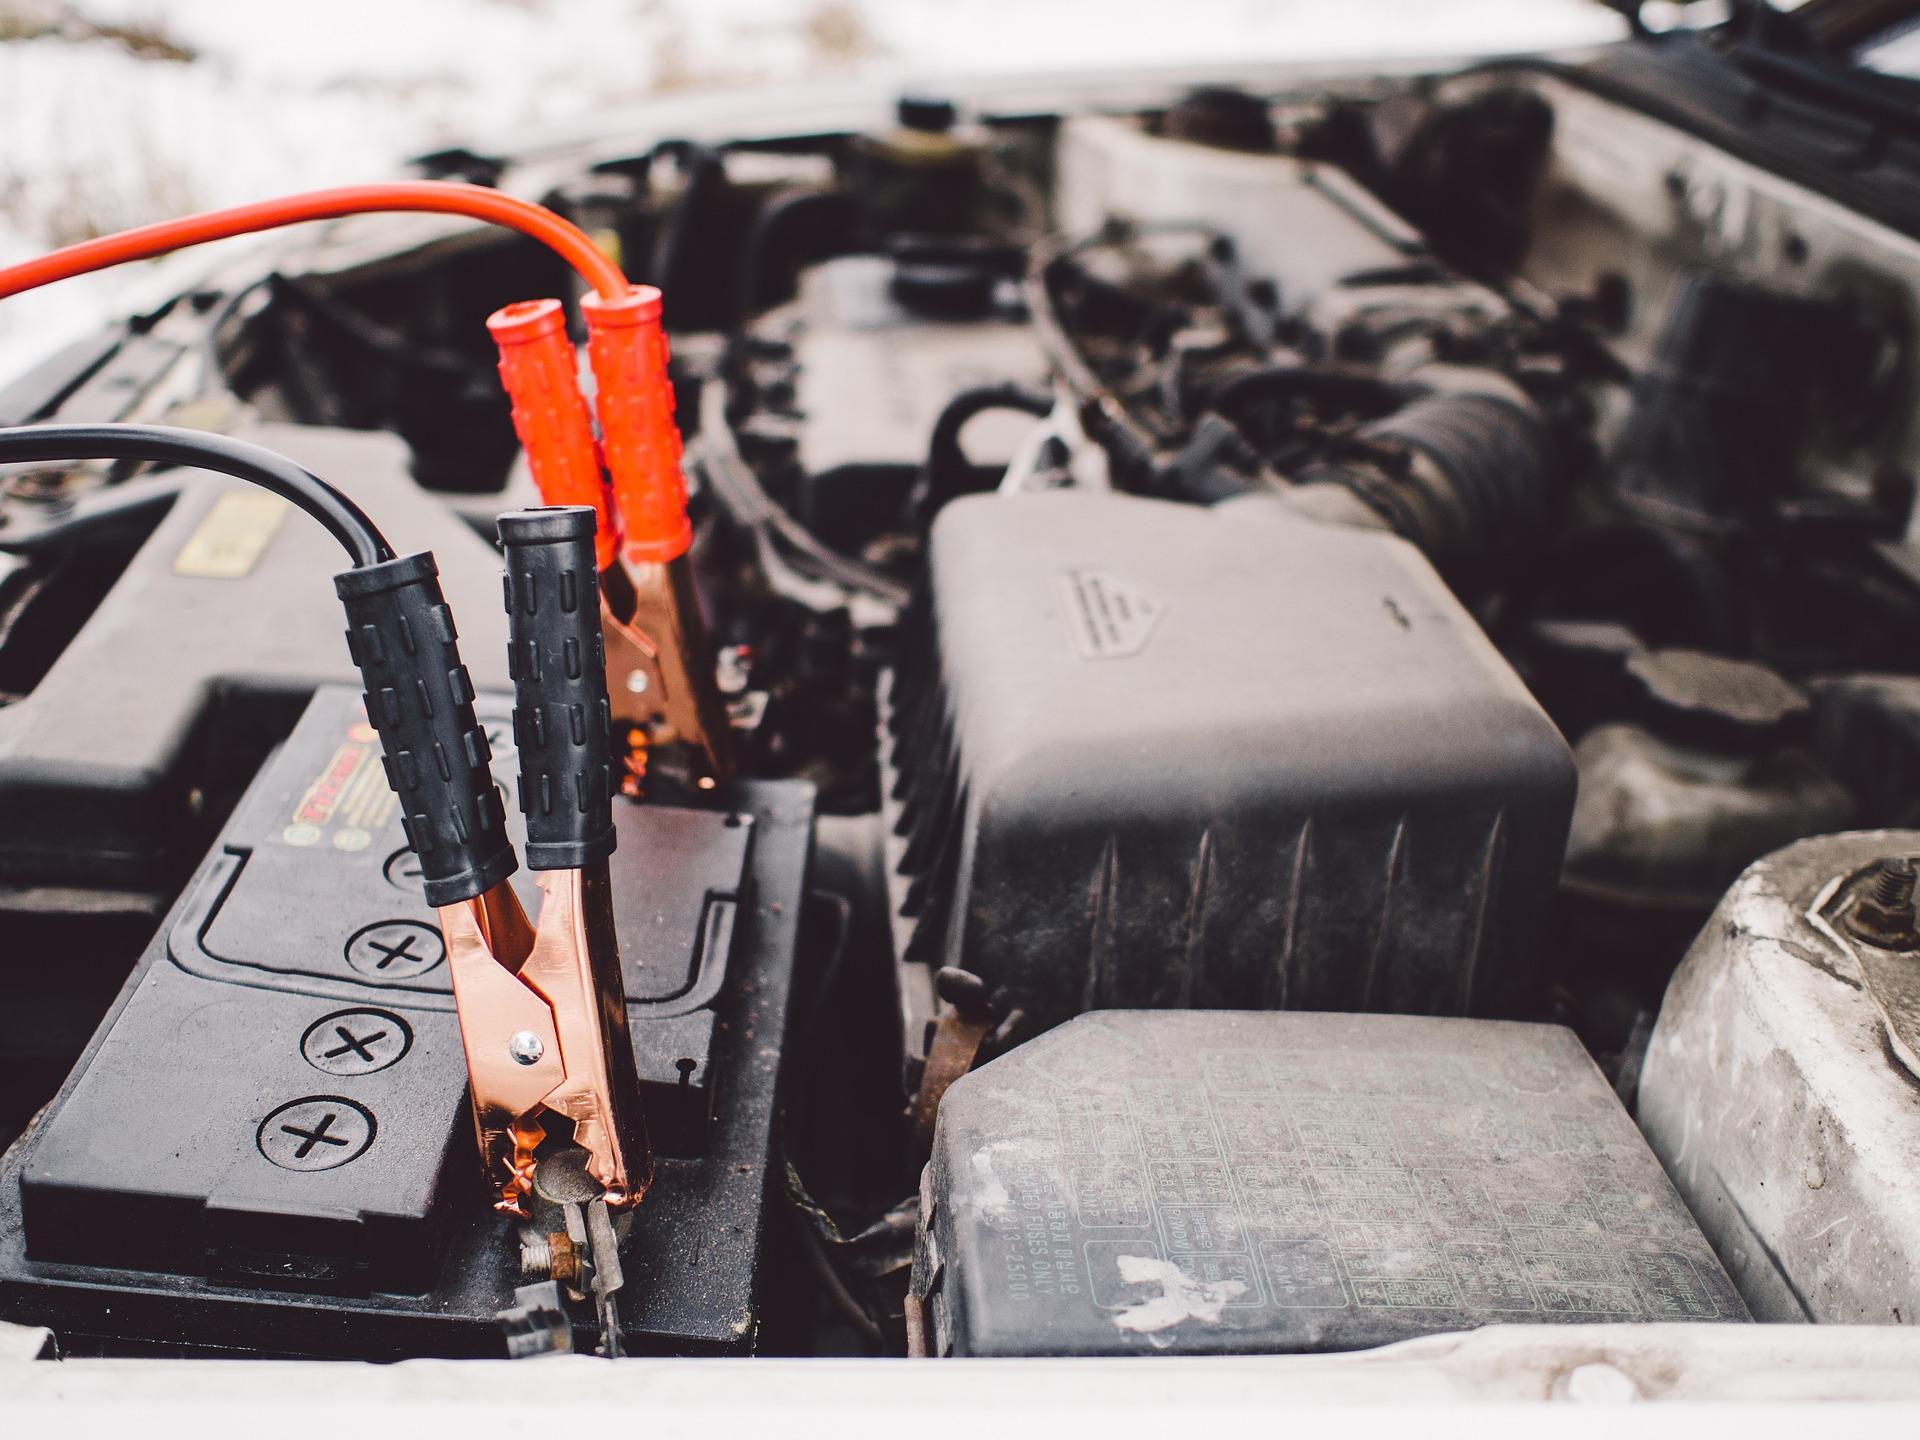 Voiture qui ne démarre pas ? panne de batterie ou panne moteur ? moteur HS ? comment savoir ? Est-il possible de réparer une batterie ? comment réparer une batterie ?si non, comment changer sa batterie et les cosses ? Delivauto vous explique tout le mode de fonctionnement d'une batterie que ce soit un véhicule essence ou diesel.